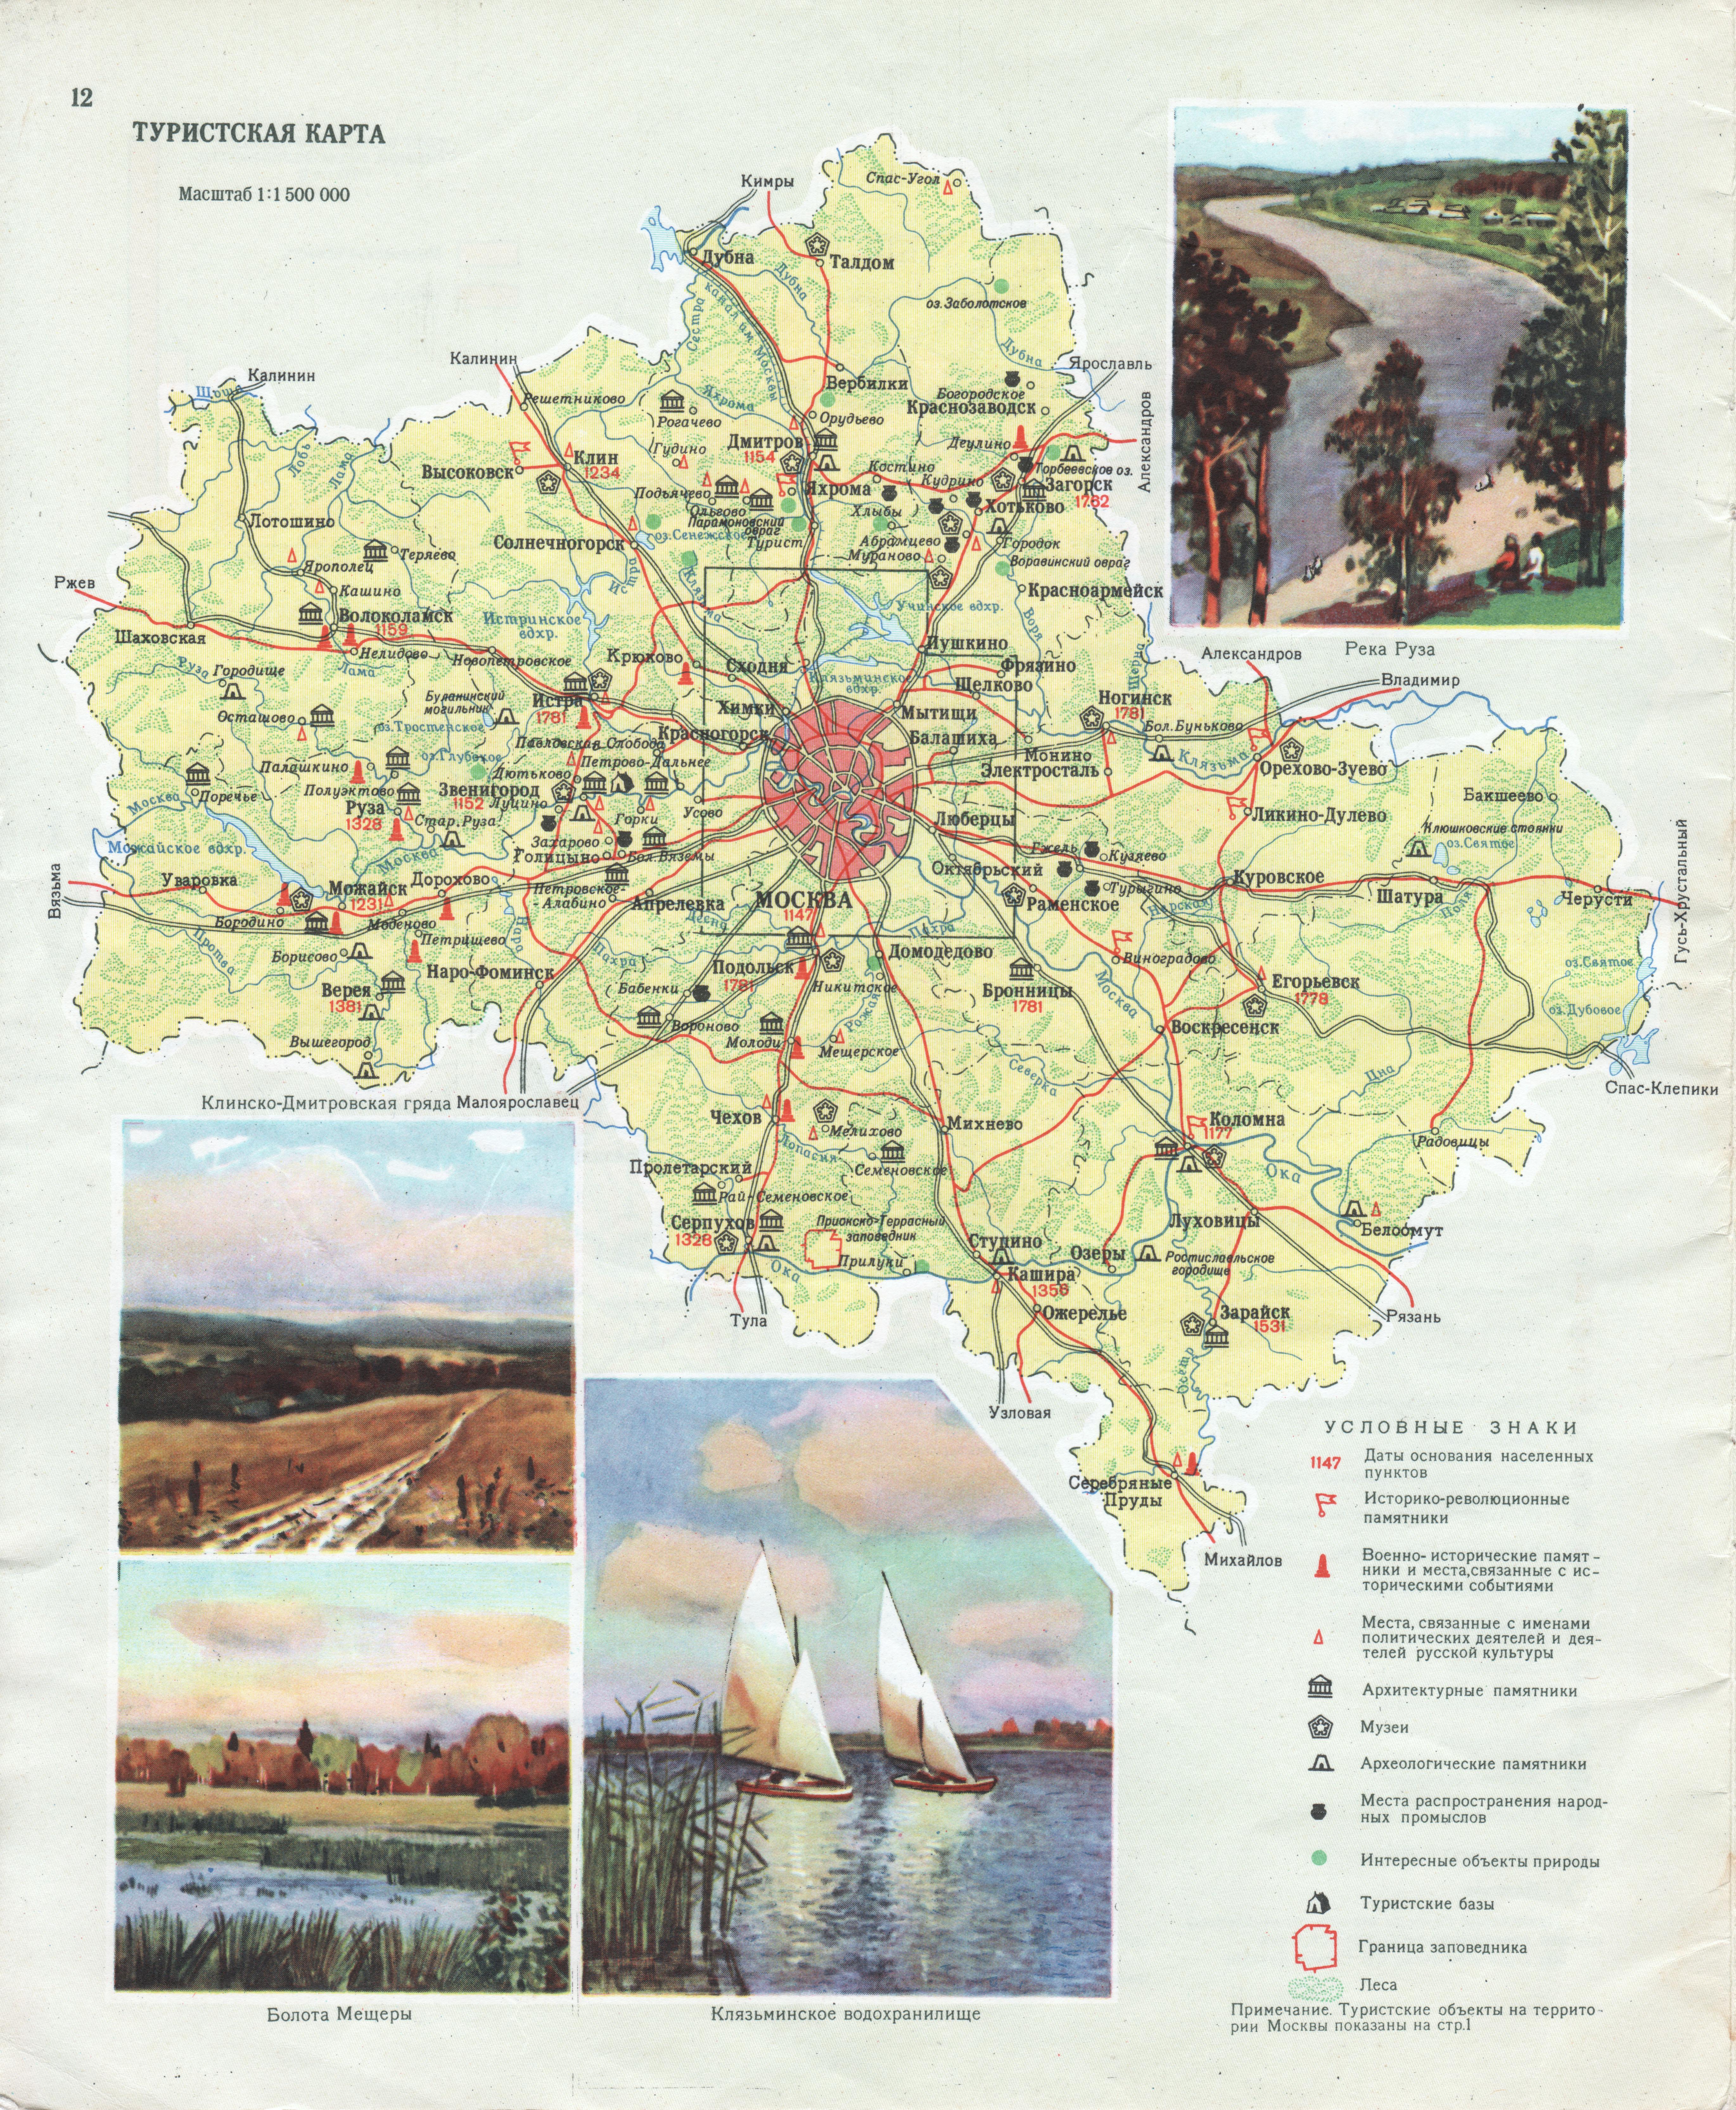 Туристическая карта Москвы и Московской области смотреть онлайн